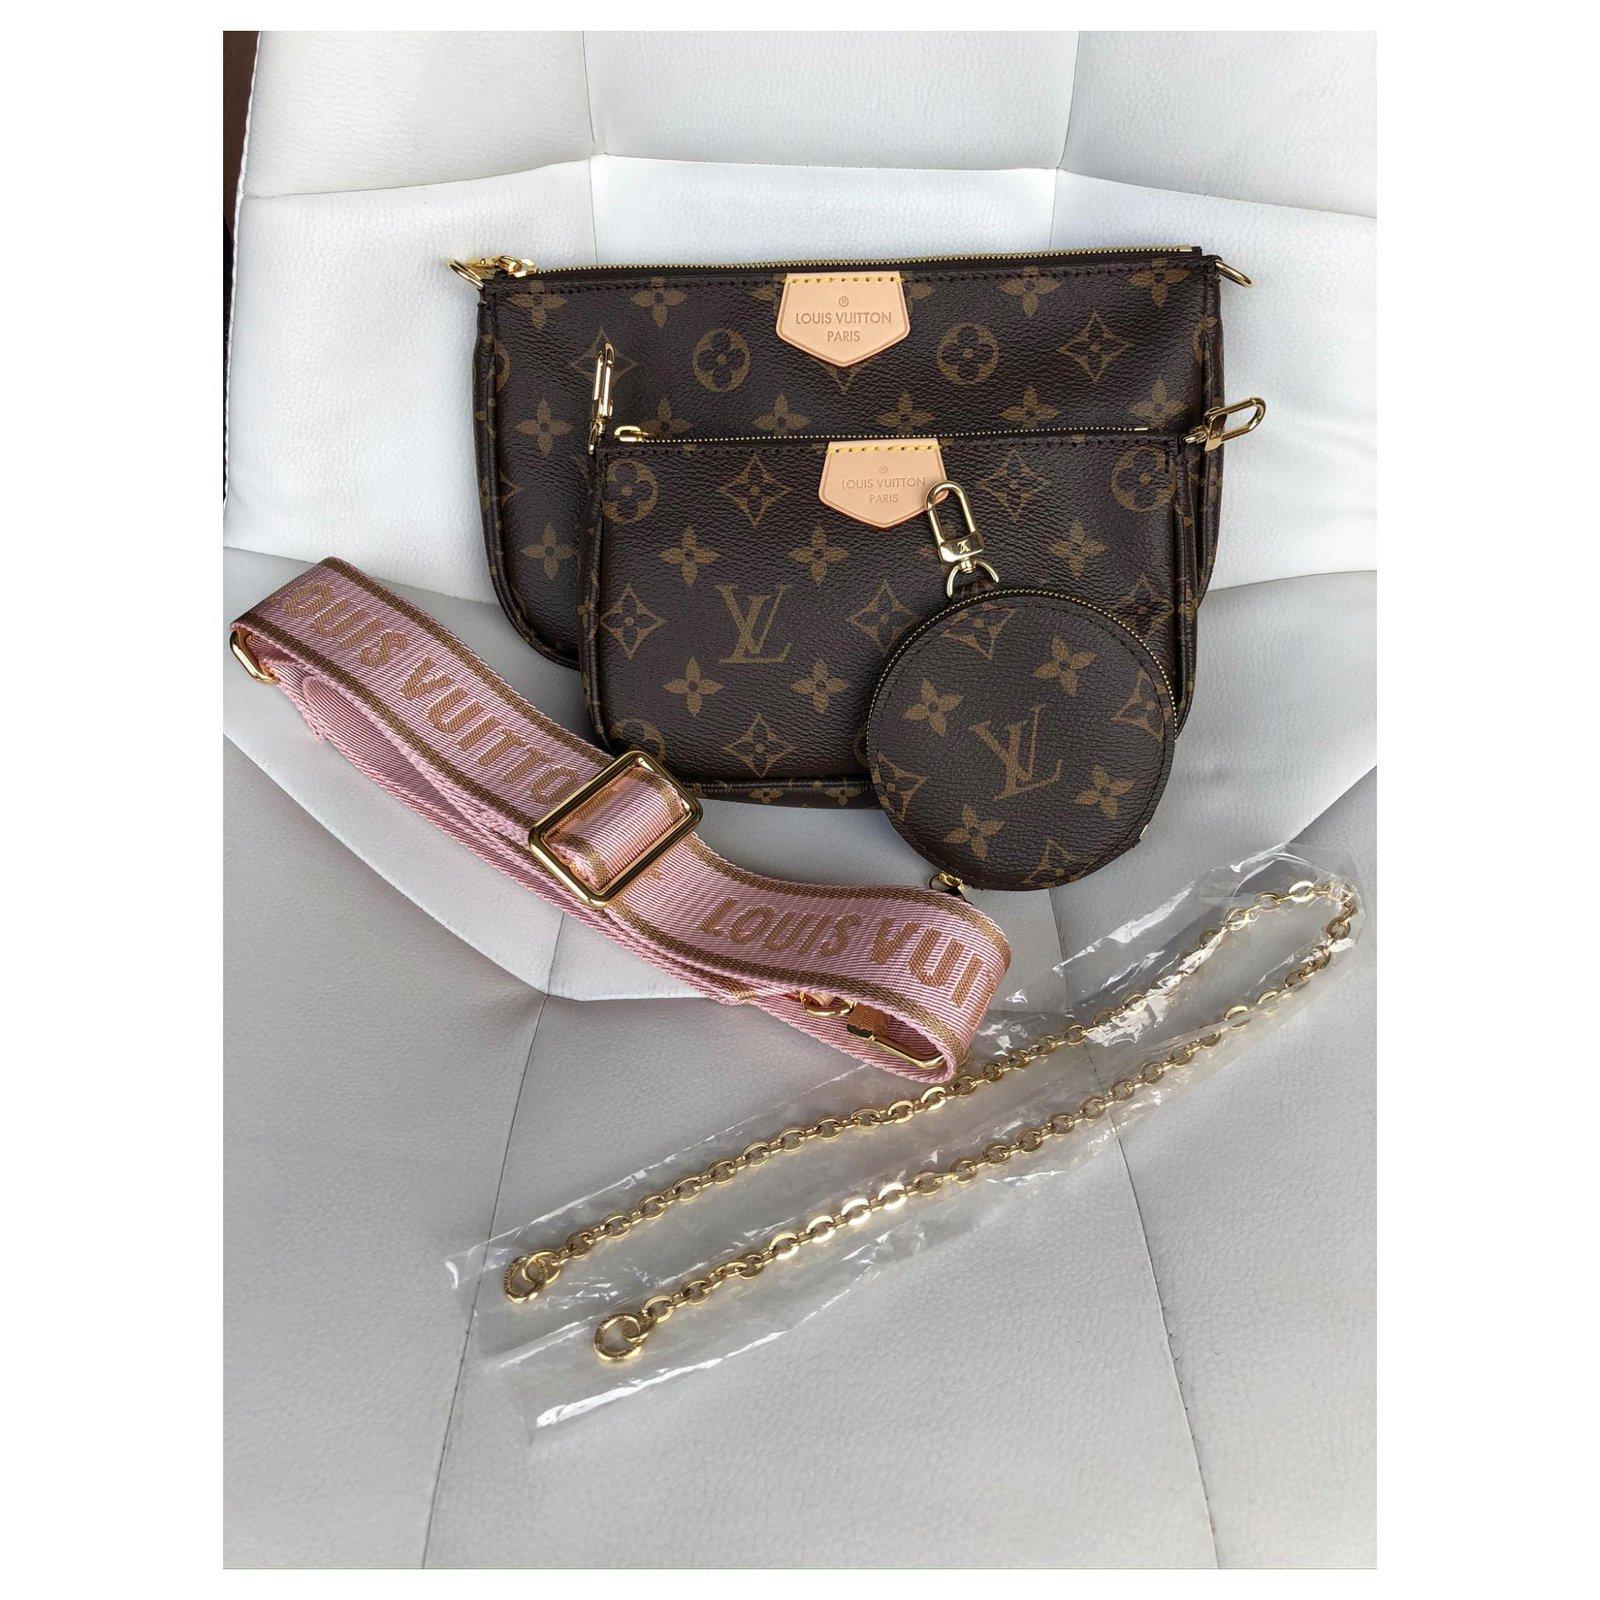 Louis Vuitton multi-pocket shoulder bag